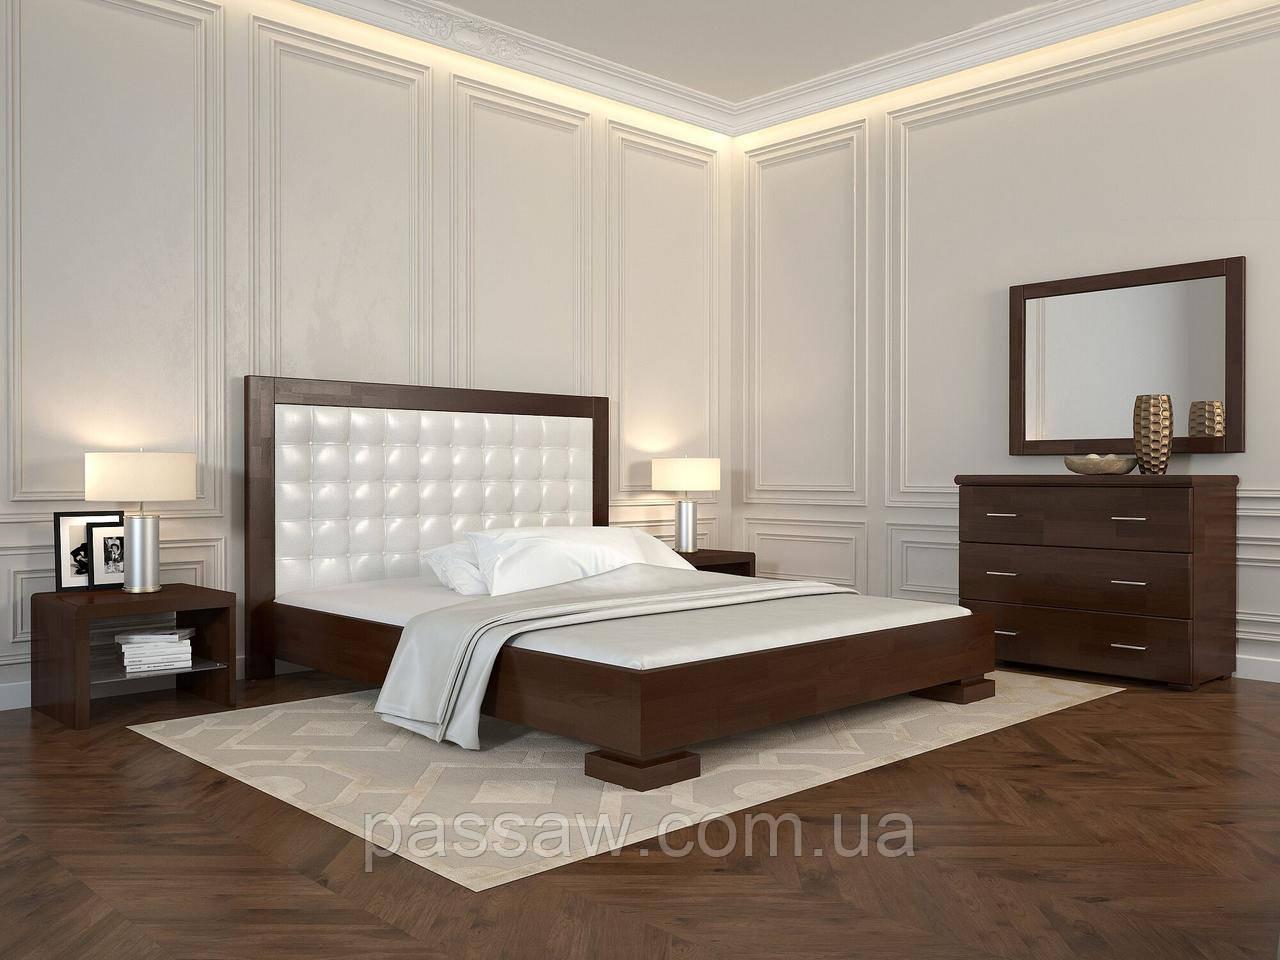 """Кровать деревянная ARBOR DREV  """"Подиум квадраты"""" 1,8 сосна"""